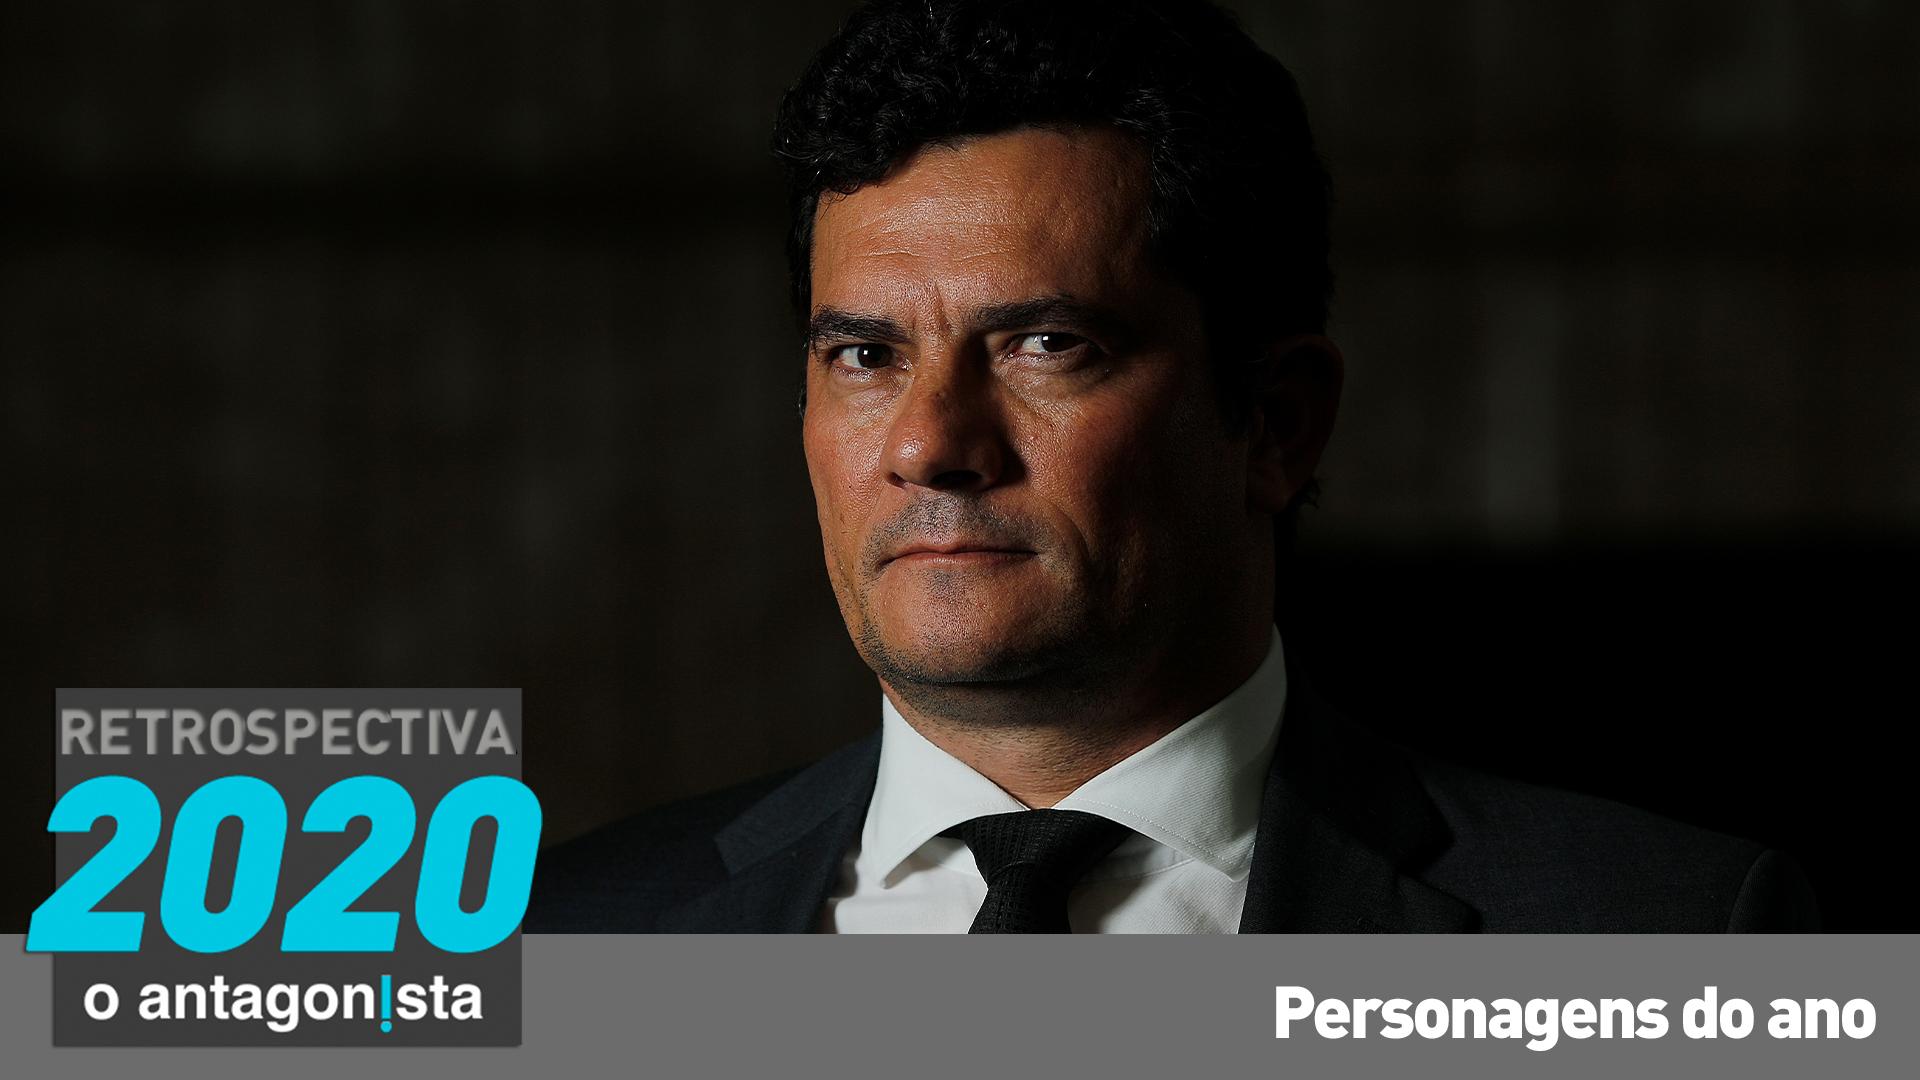 IMAGEM: A saída de Moro e a bomba no colo de Bolsonaro